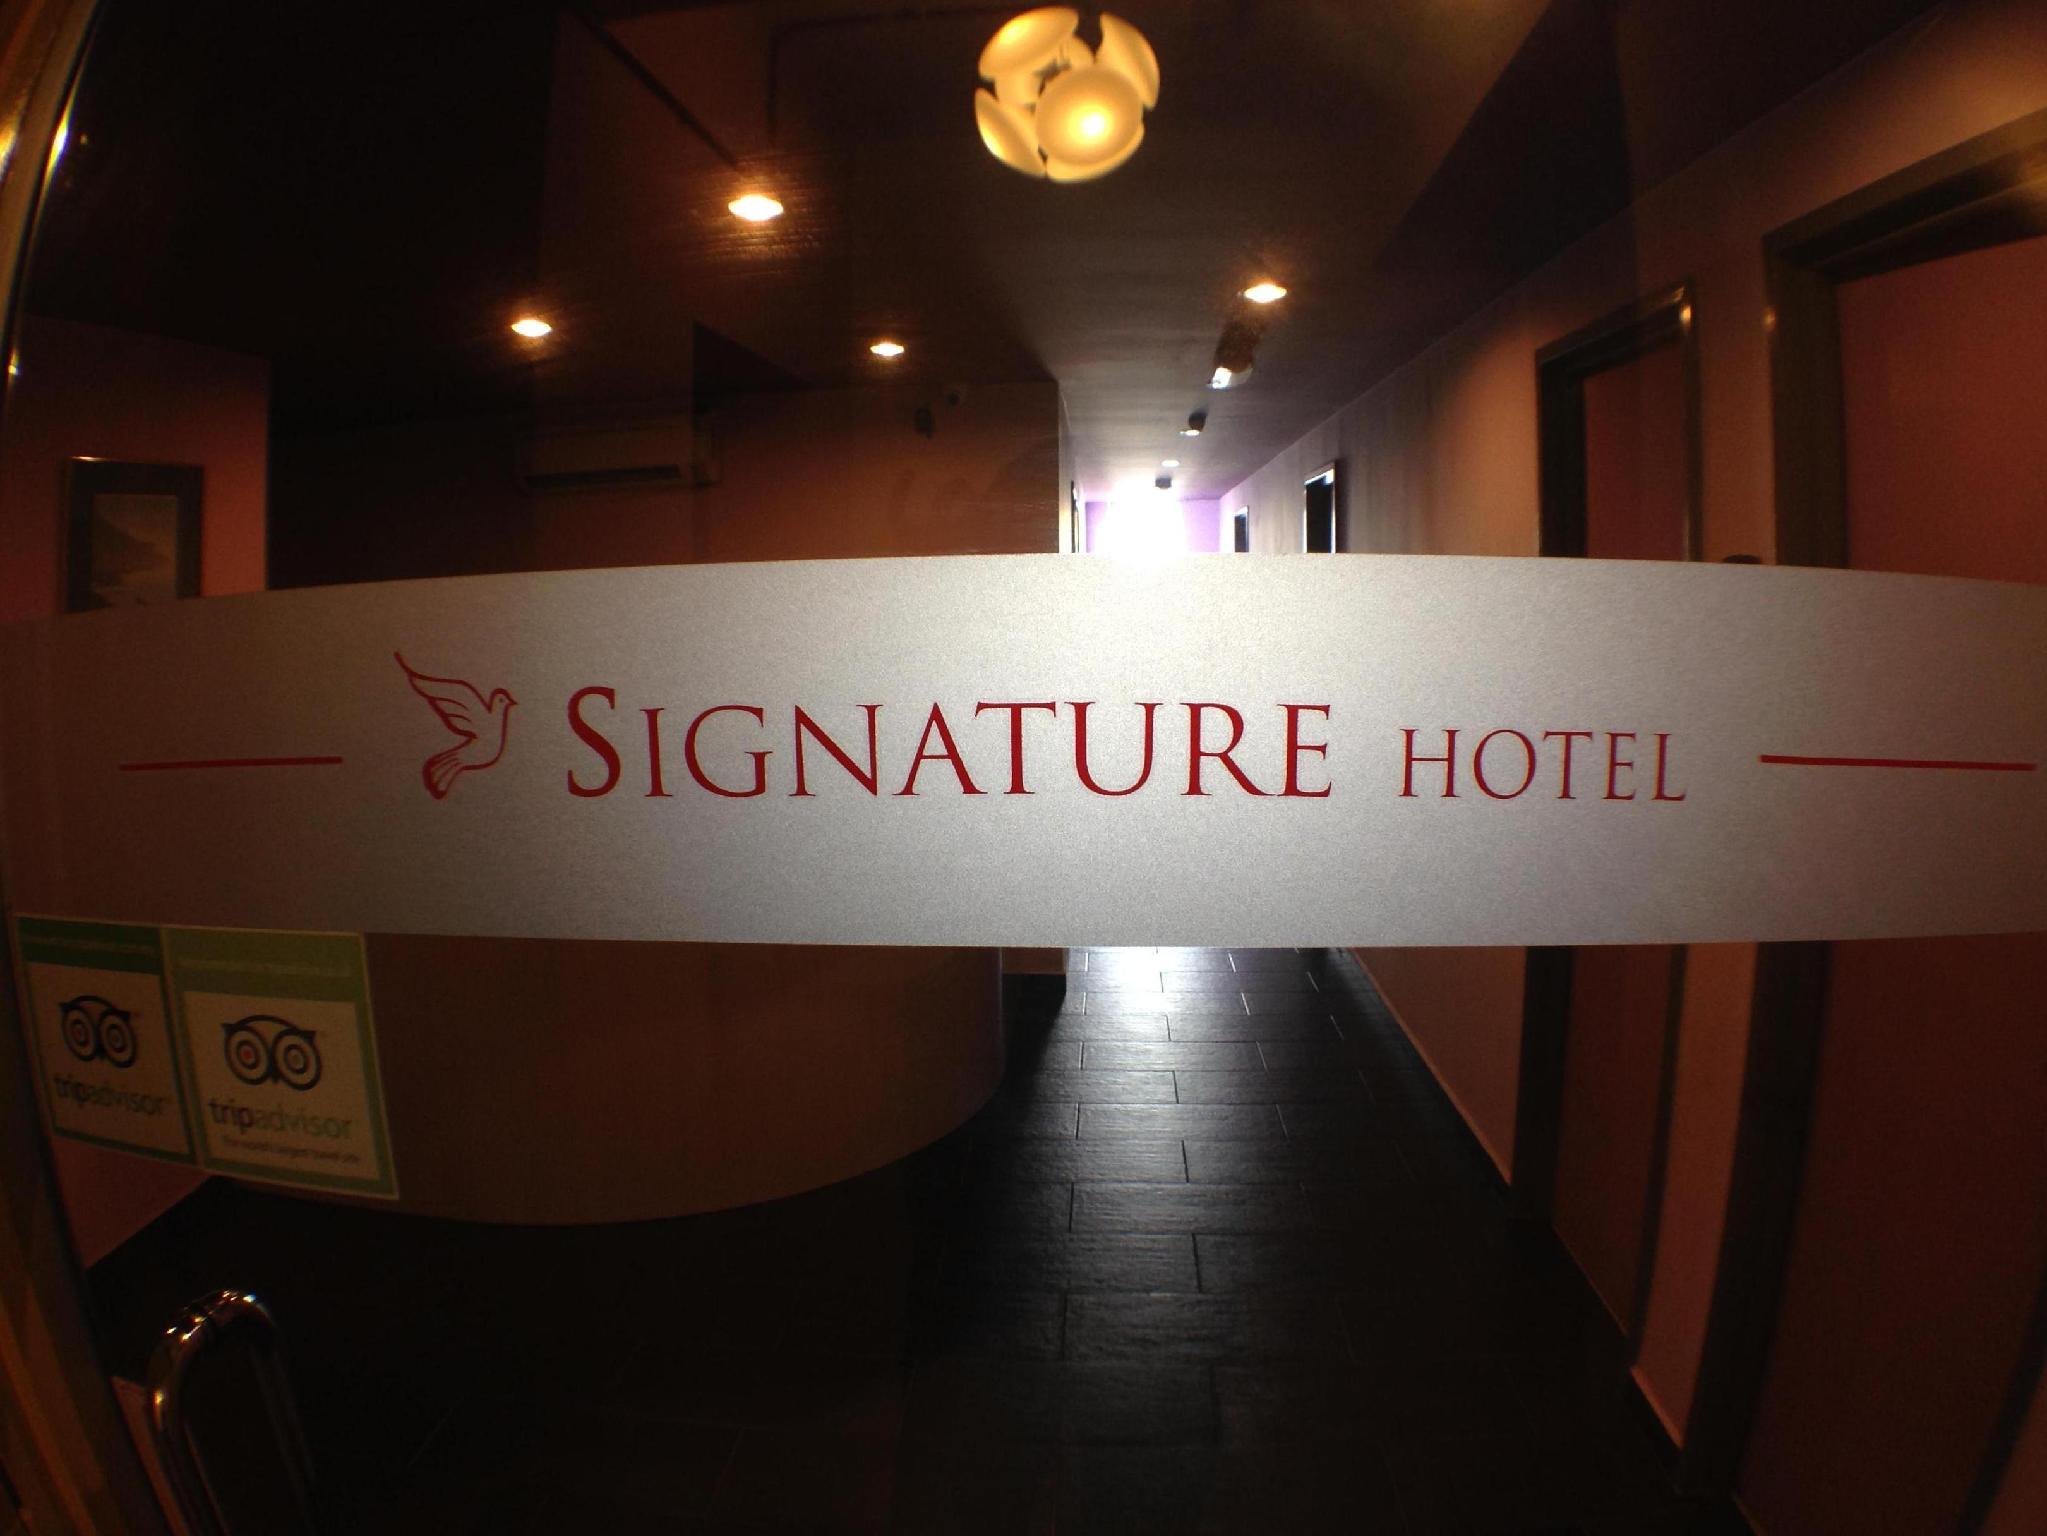 Signature Hotel @ Kota Damansara